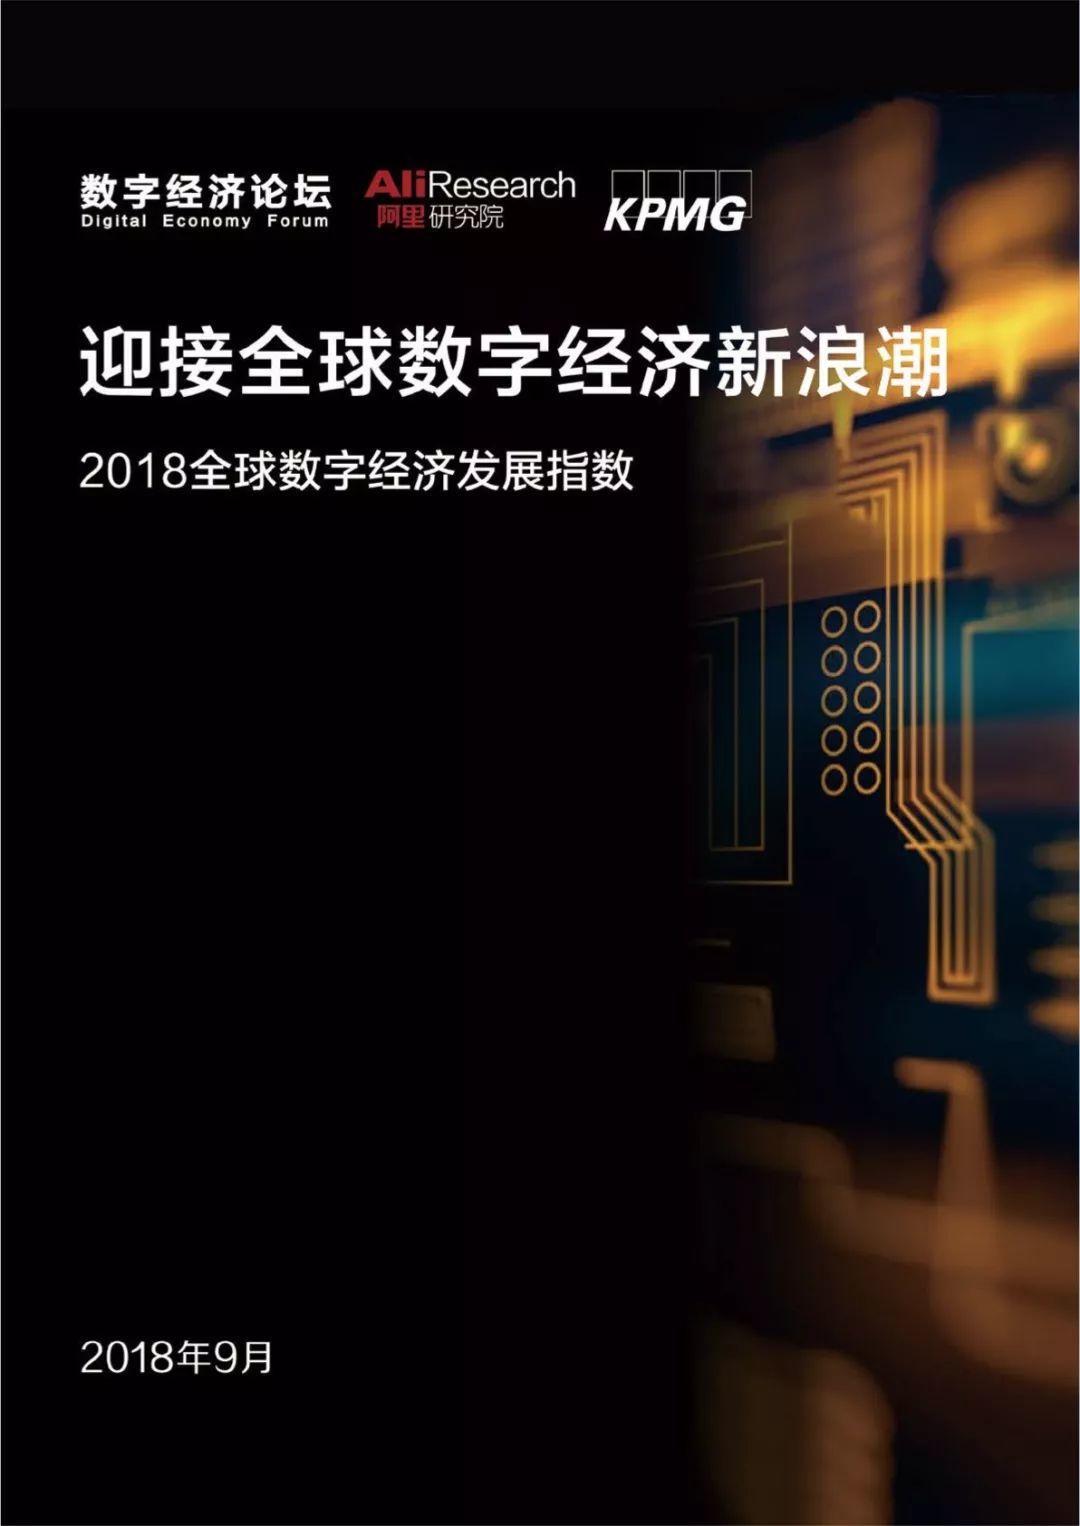 阿里研究院:2018全球数字经济发展指数